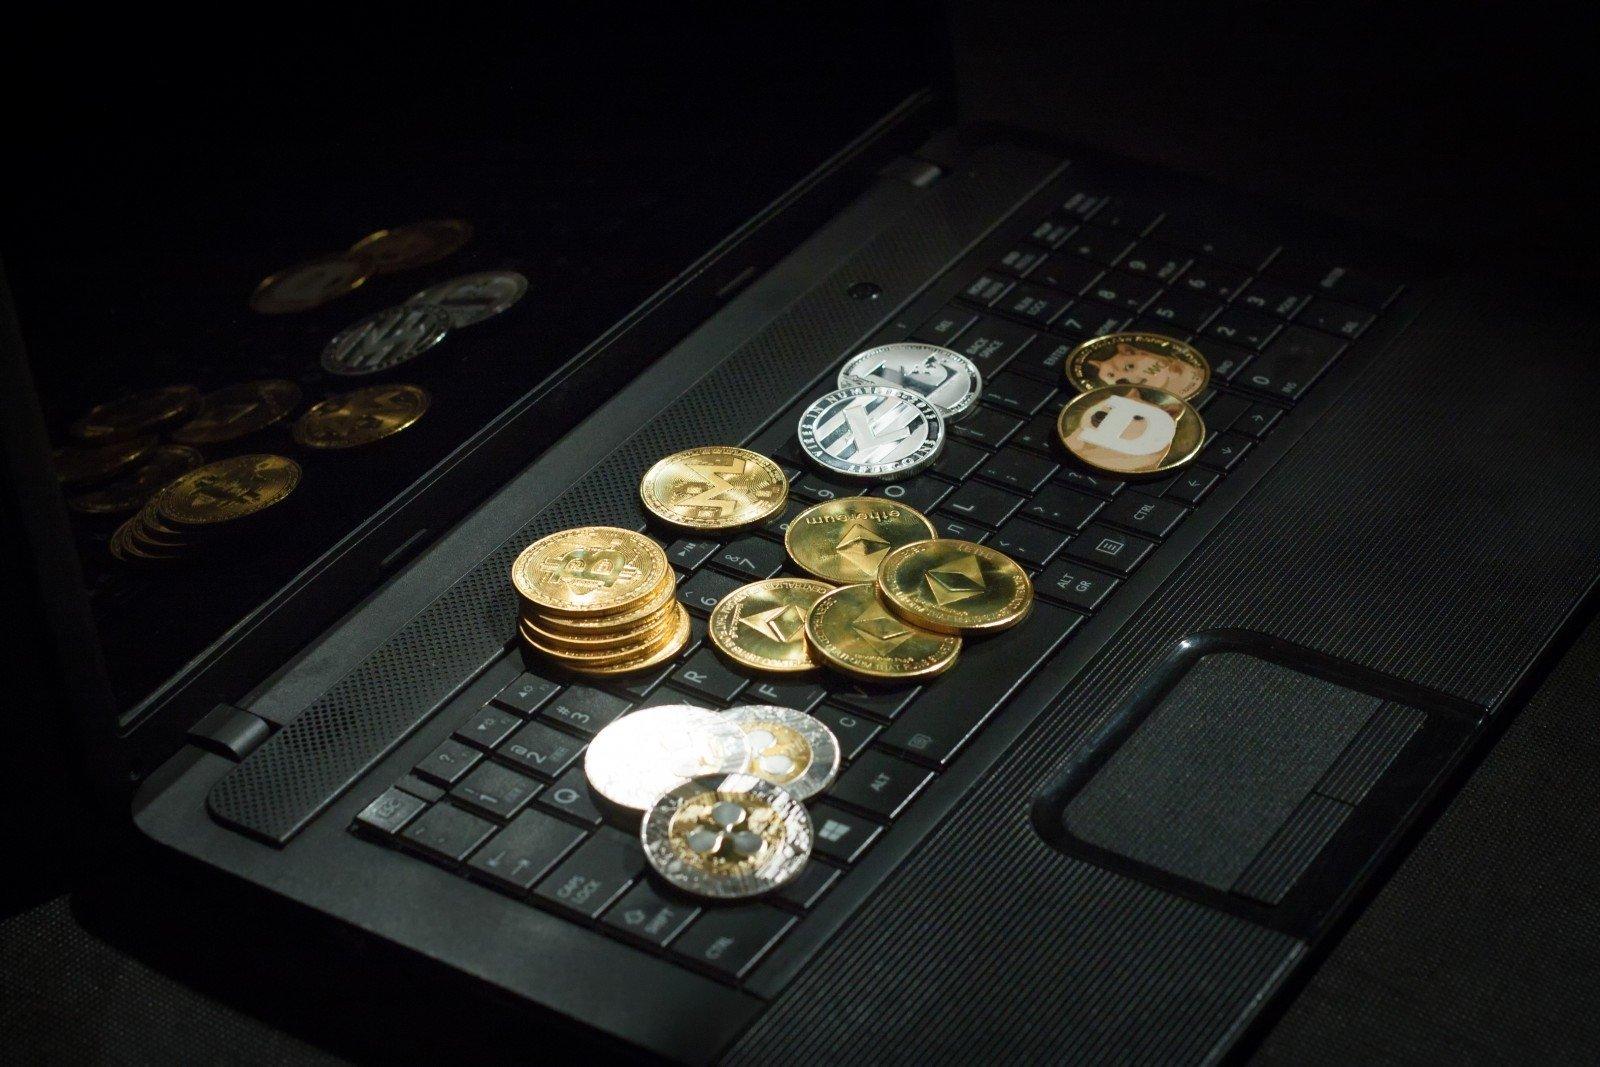 kriptovaliutos skrynia kaip uždirbti aaa patikimumo brokeris